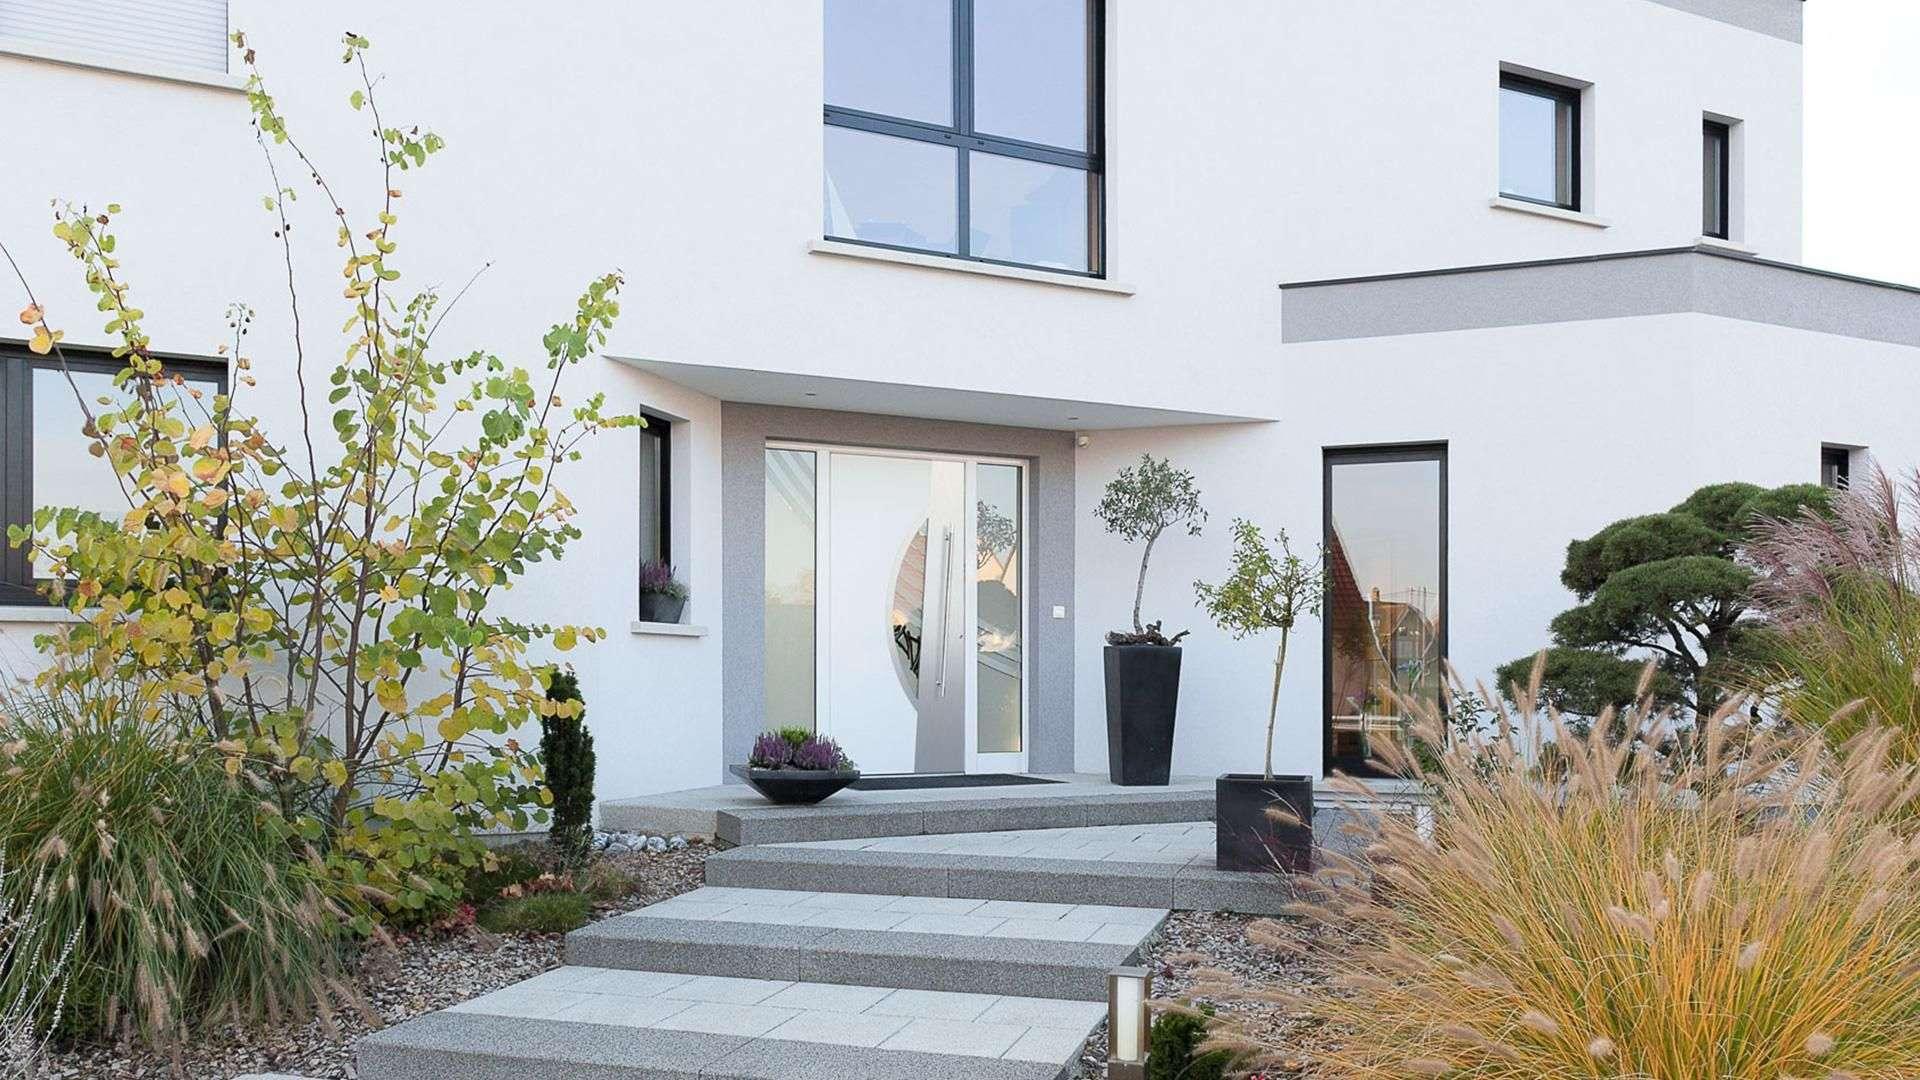 Kompotherm Haustür im E-Design ein einem weißem Haus